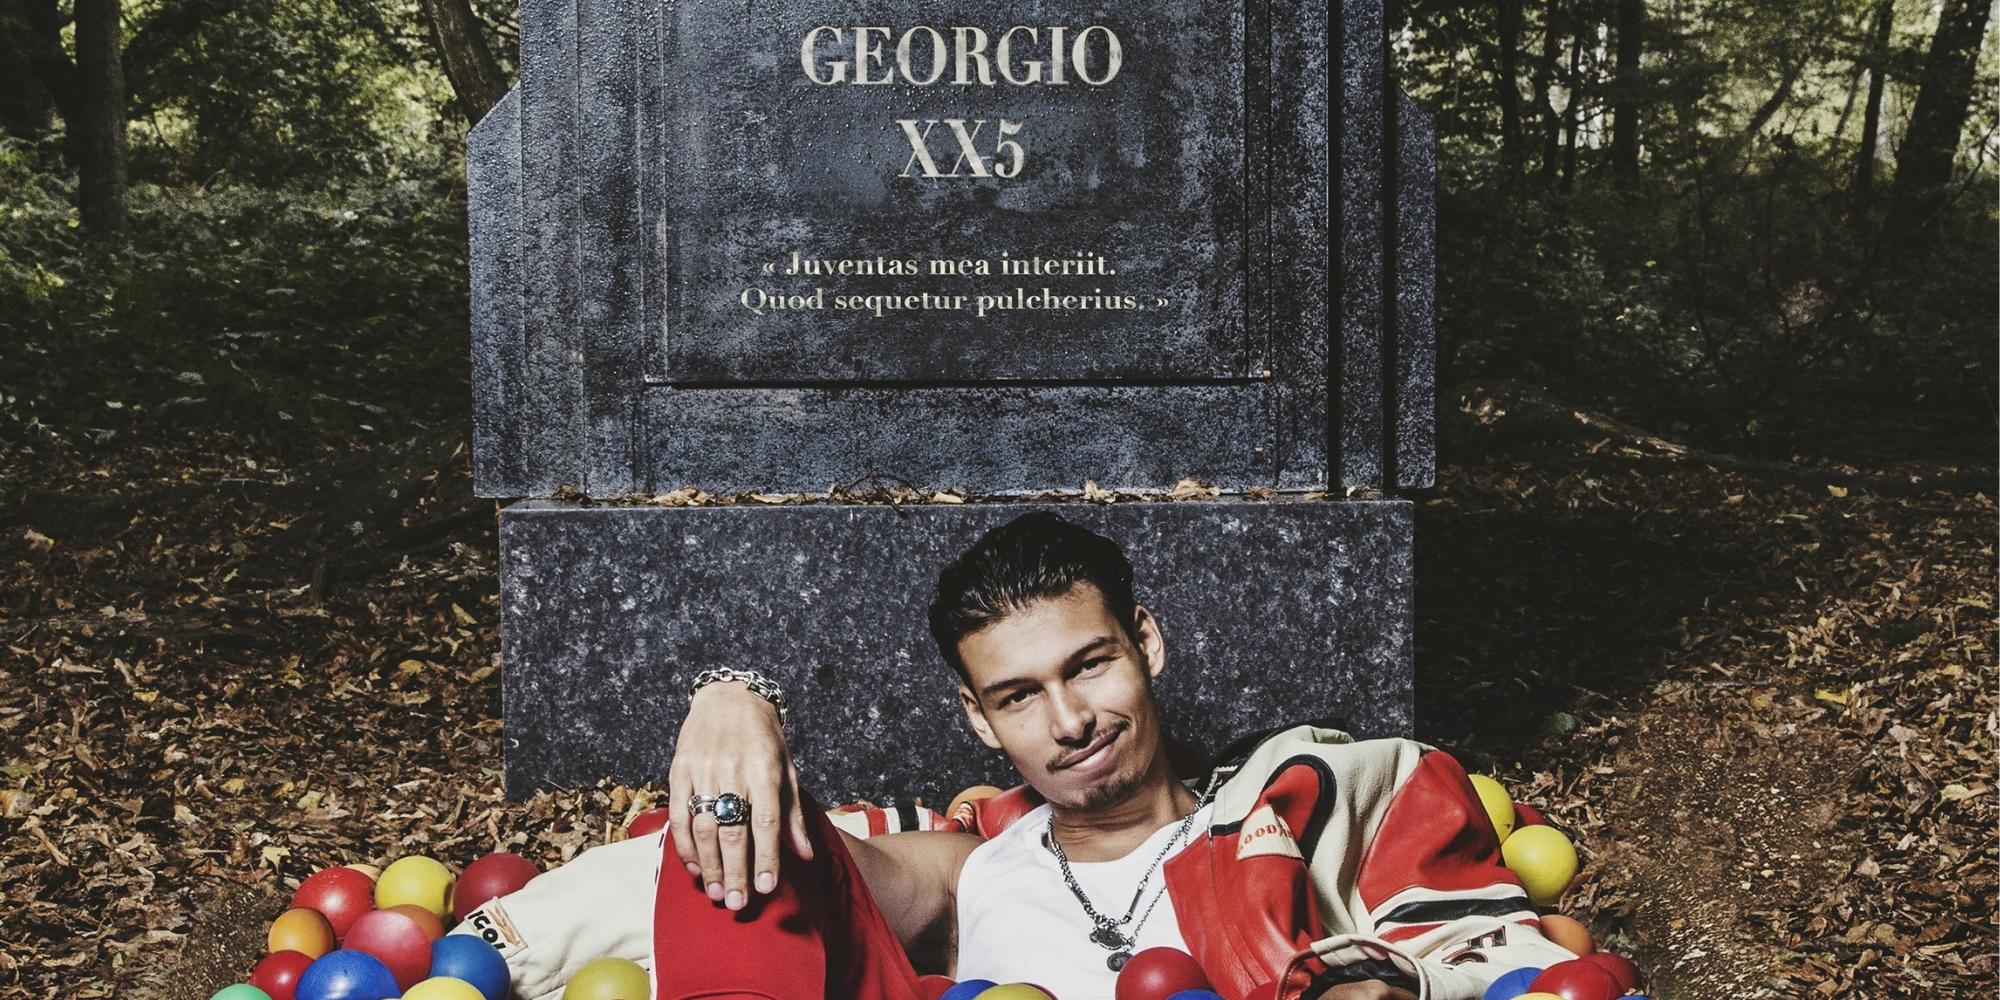 georgio xx5